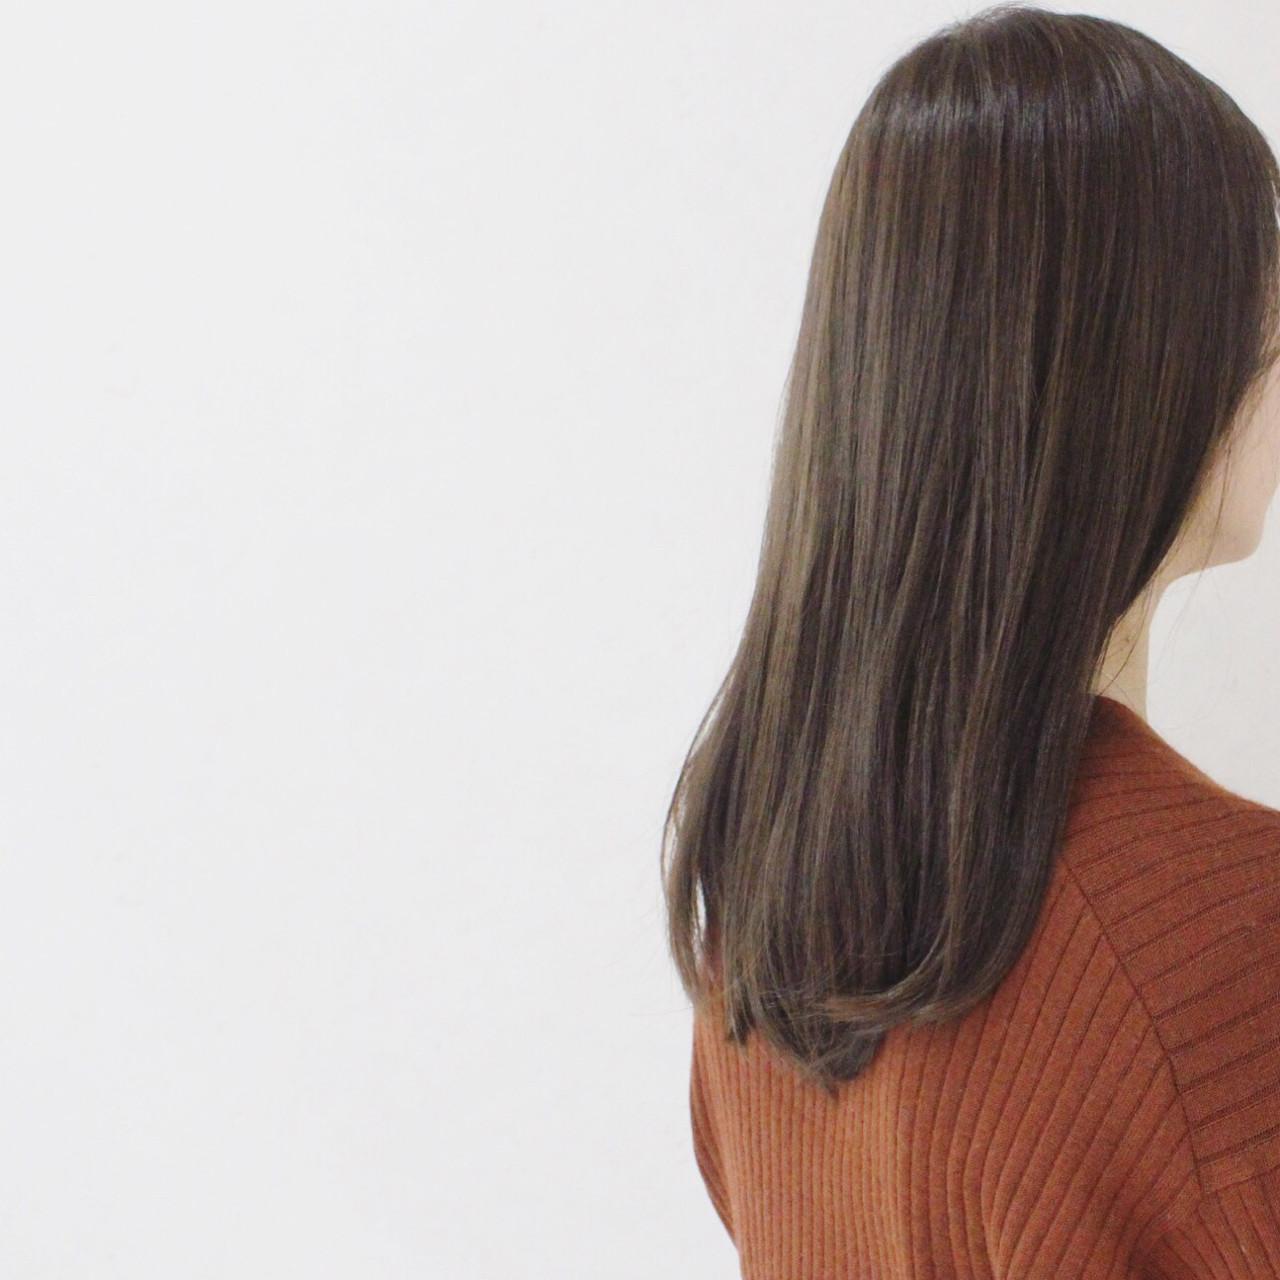 グレージュ 大人かわいい アッシュ ハイライト ヘアスタイルや髪型の写真・画像 | 伊藤 貴昭 / CACINA  カシナ